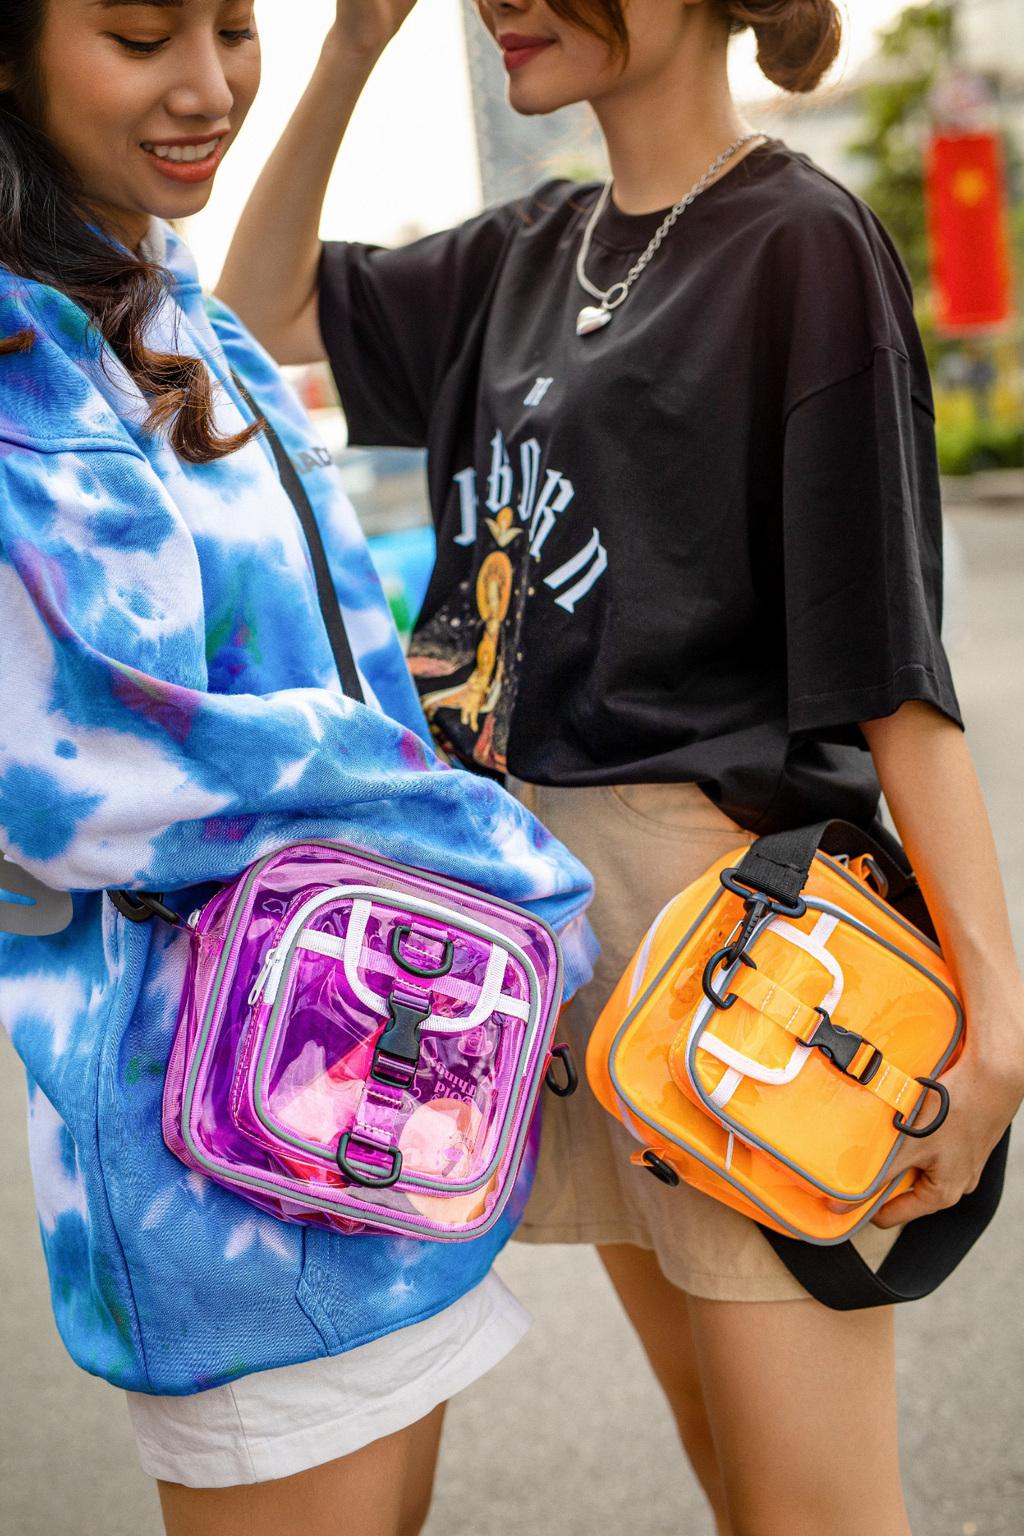 Chill Bag: Item chất lừ chinh phục đa dạng phong cách thời trang